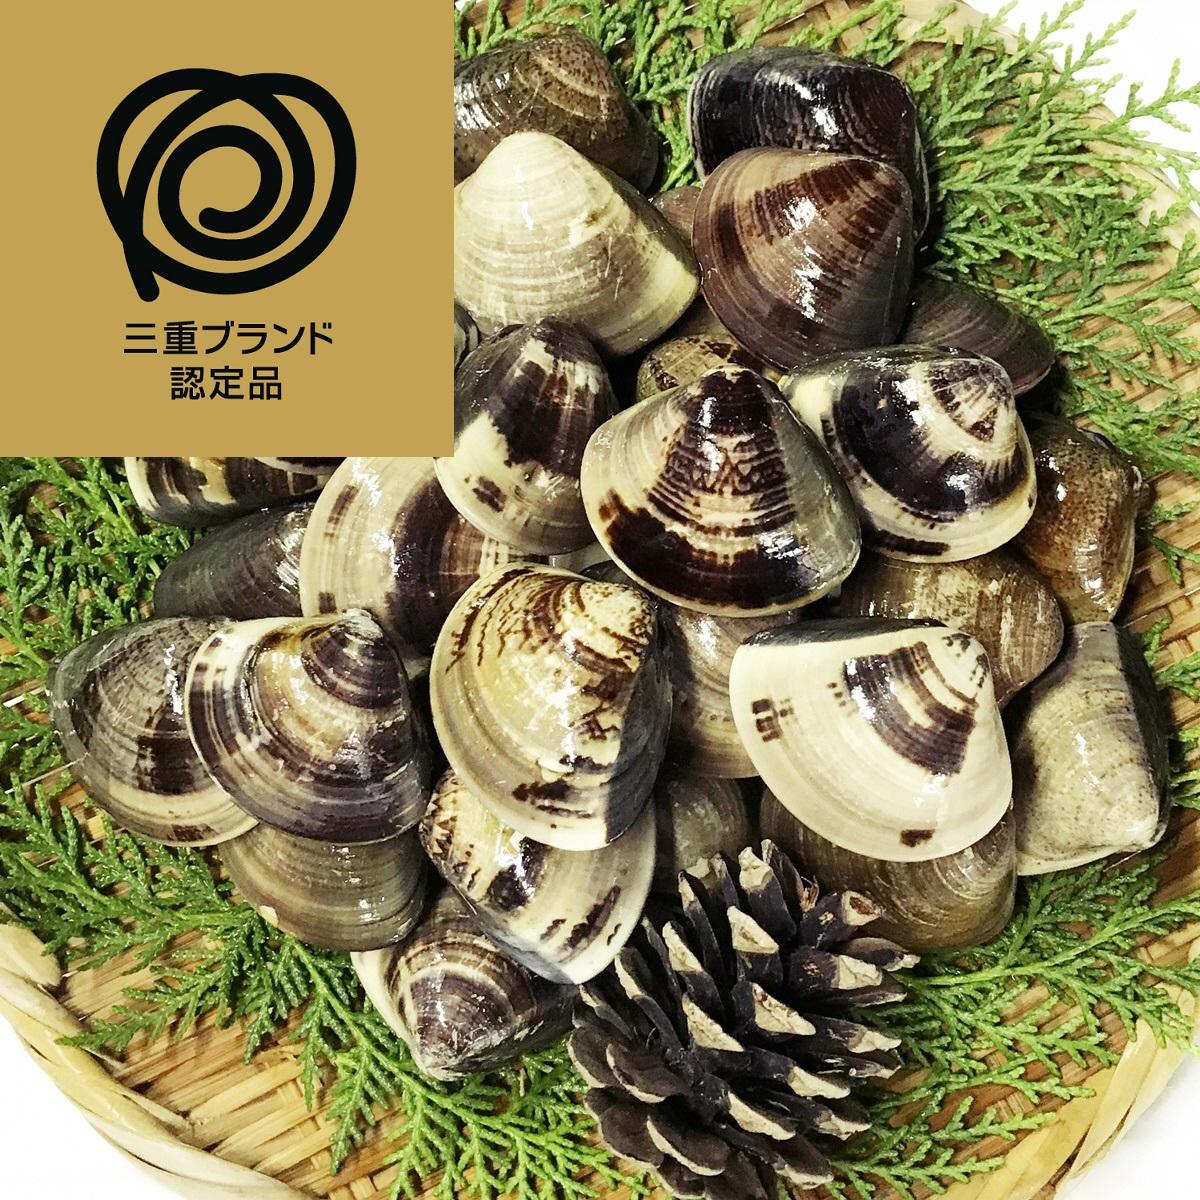 【ふるさと納税】 マルヨシ水産 桑名産中粒天然蛤 1.0kg